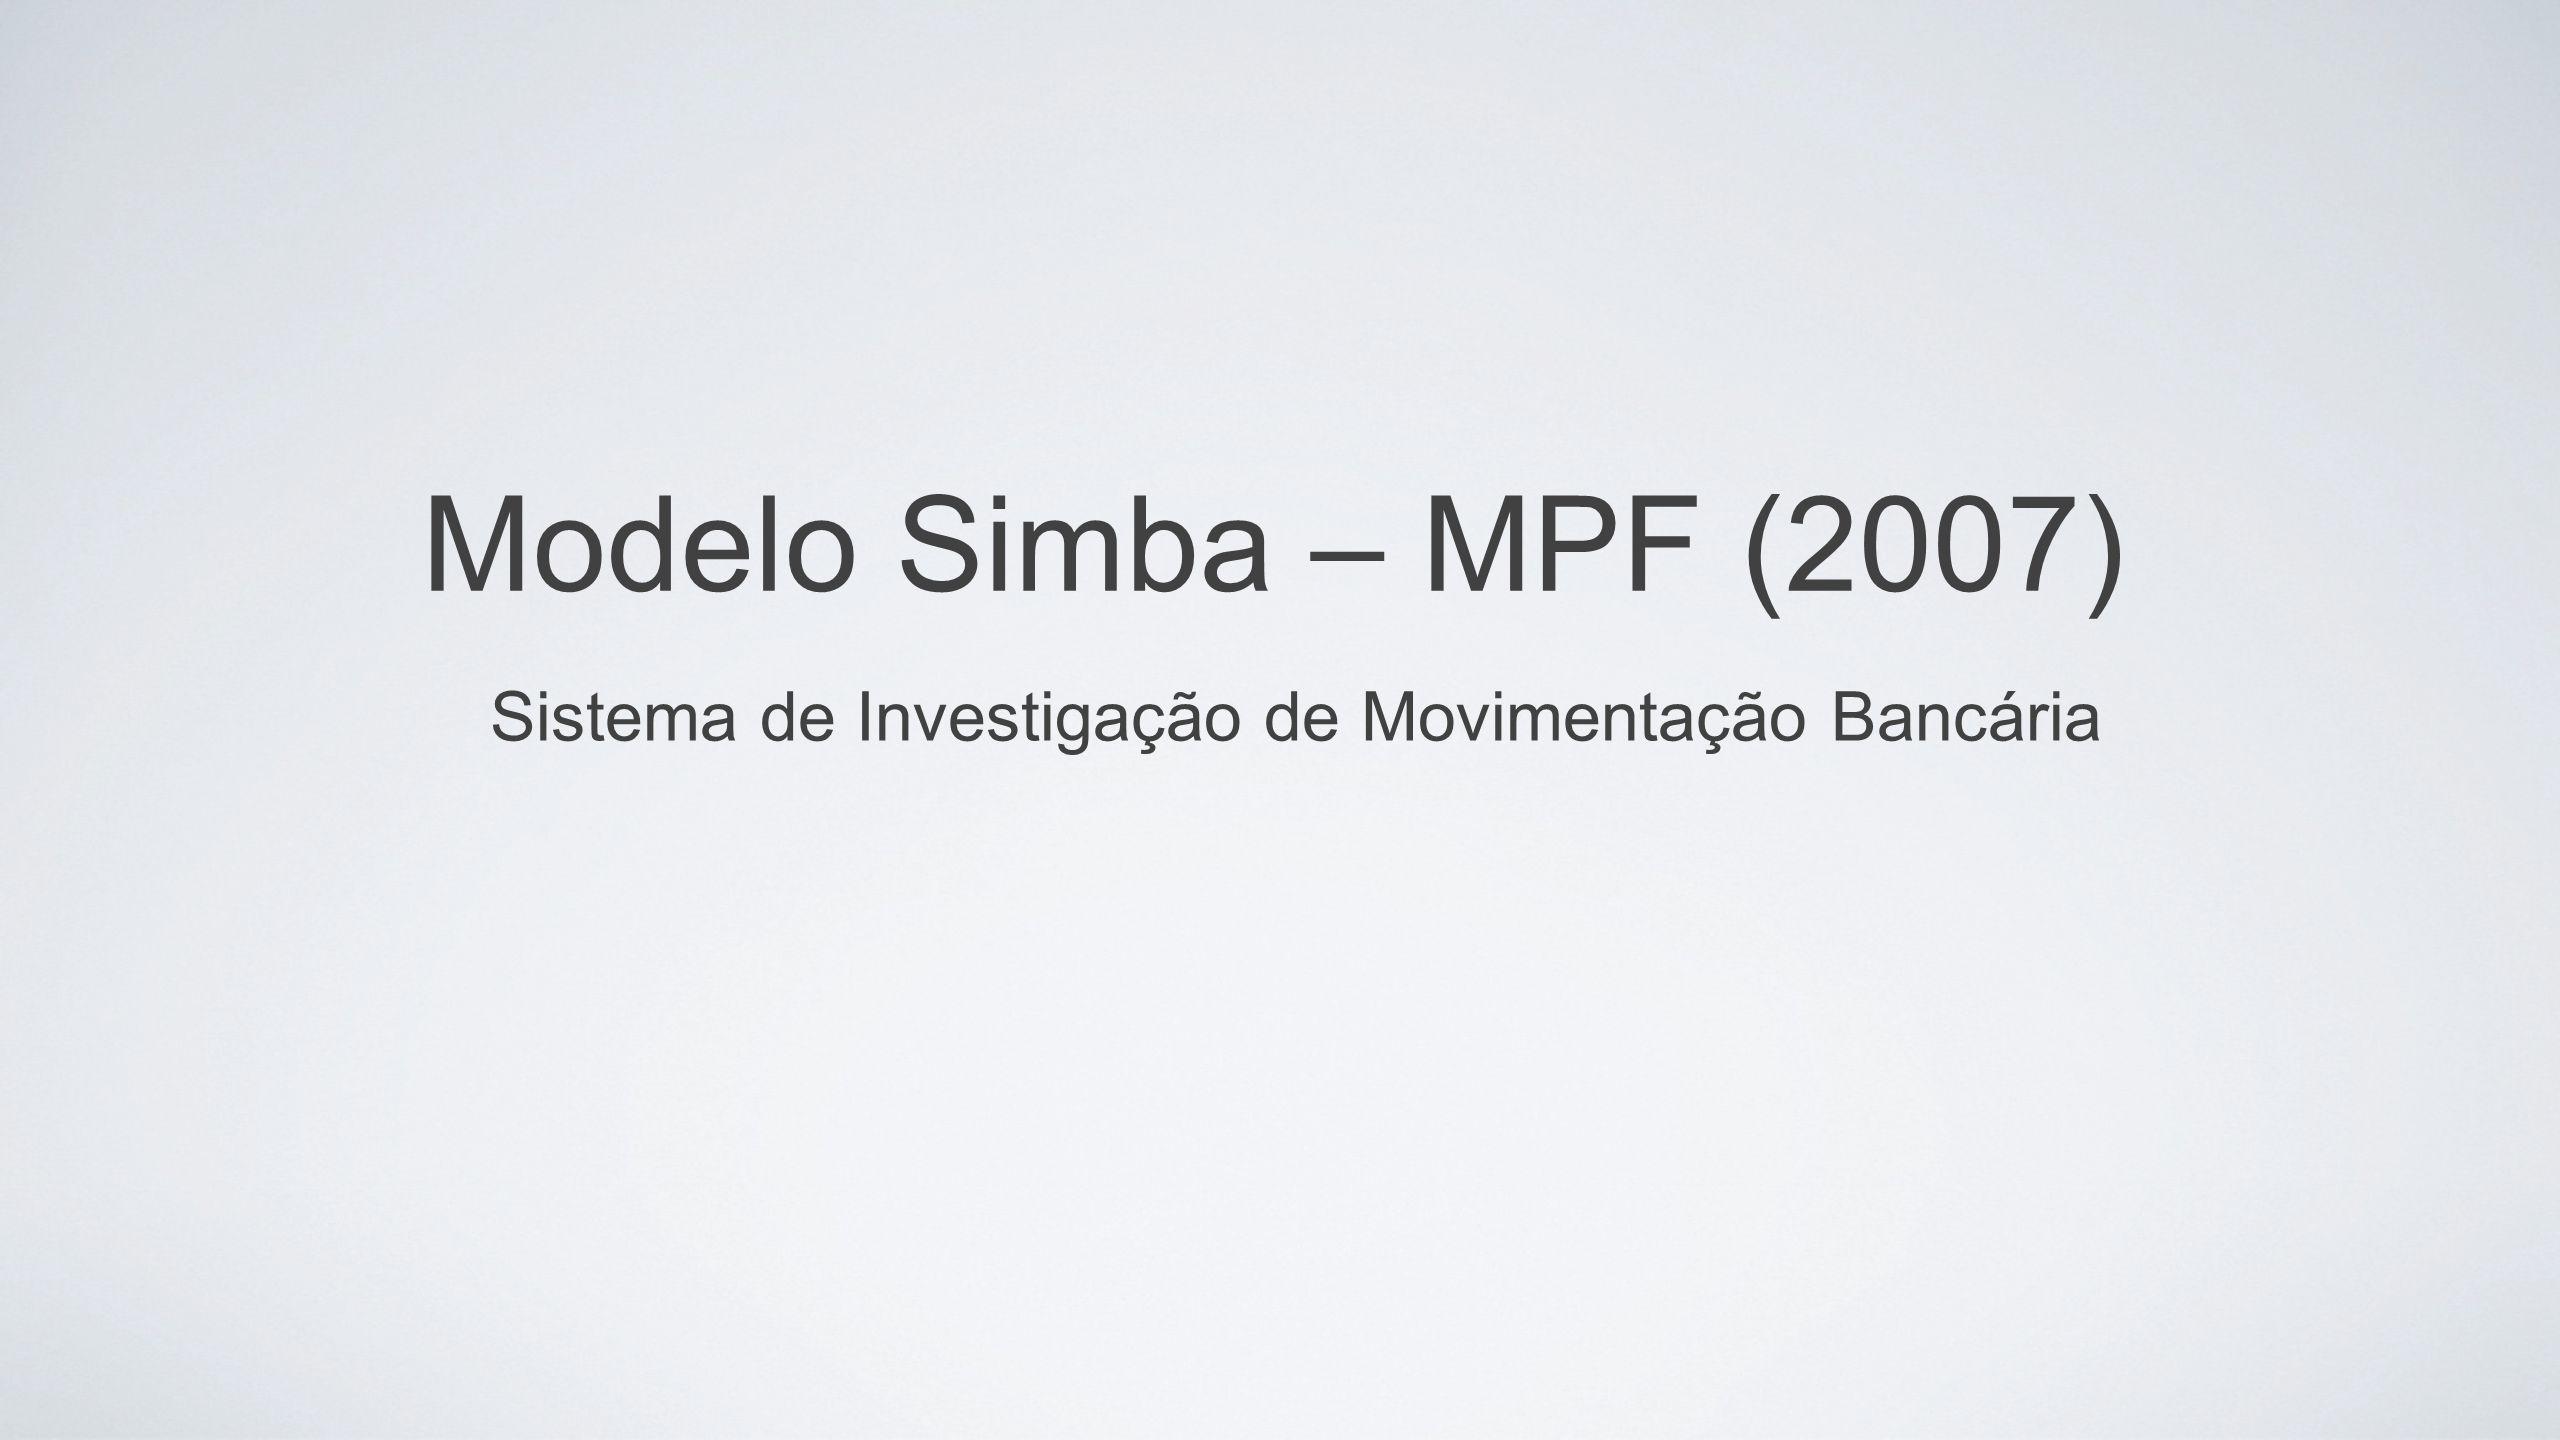 Praticamente todos os órgãos de persecução já usam o SIMBA Os dados dos sigilos bancários são transmitidos eletronicamente O Judiciário brasileiro utiliza o SIMBA como padrão